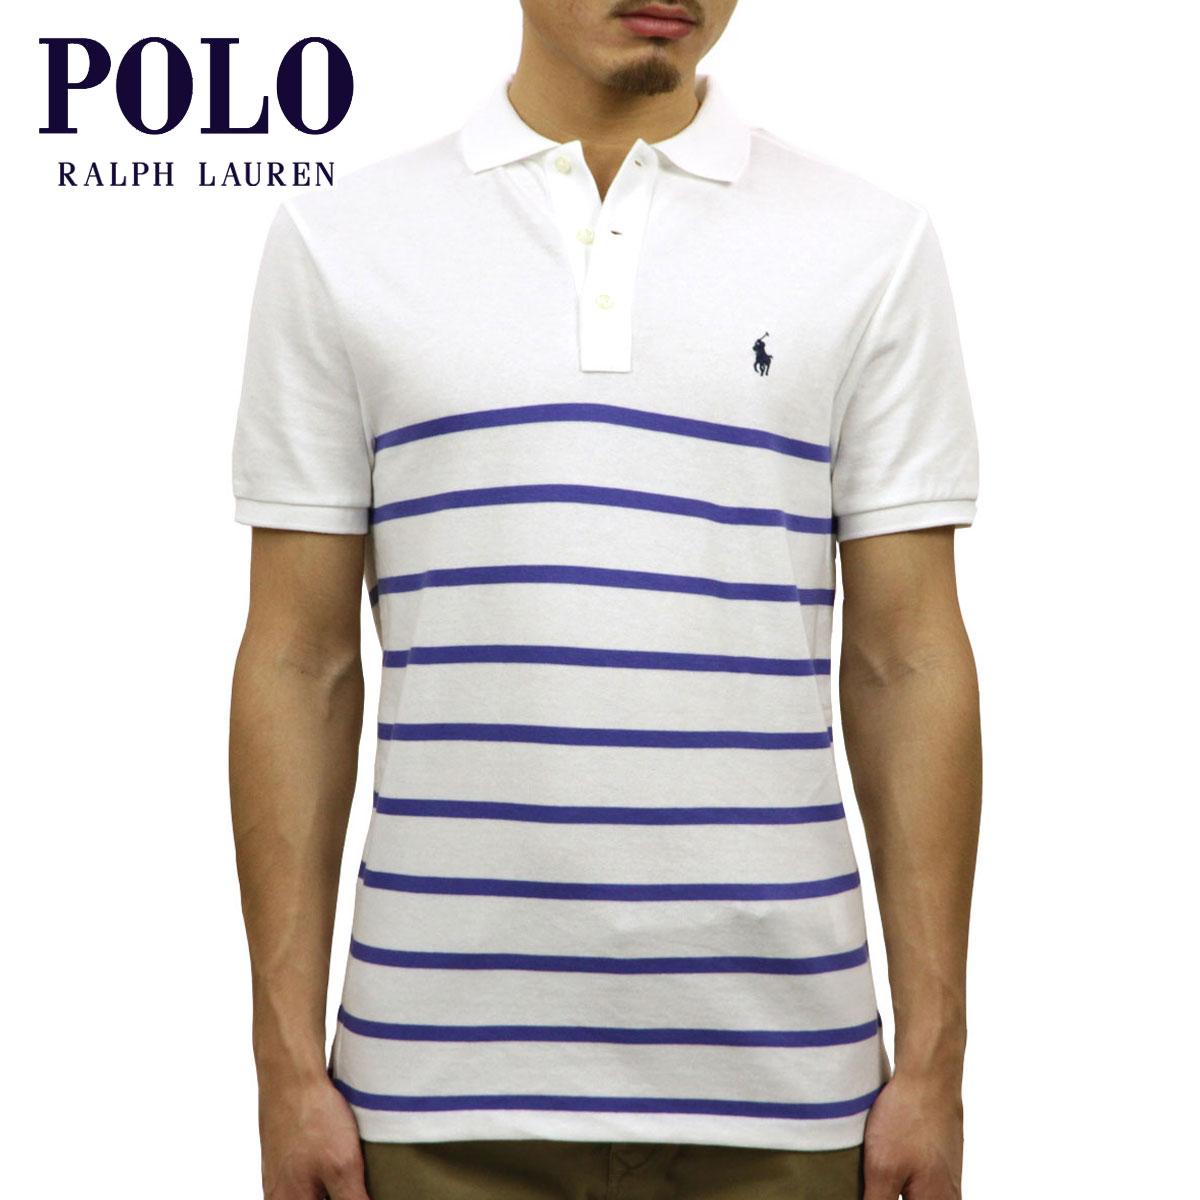 ポロ ラルフローレン POLO RALPH LAUREN 正規品 メンズ 半袖ポロシャツ PILE POLO SHIRT